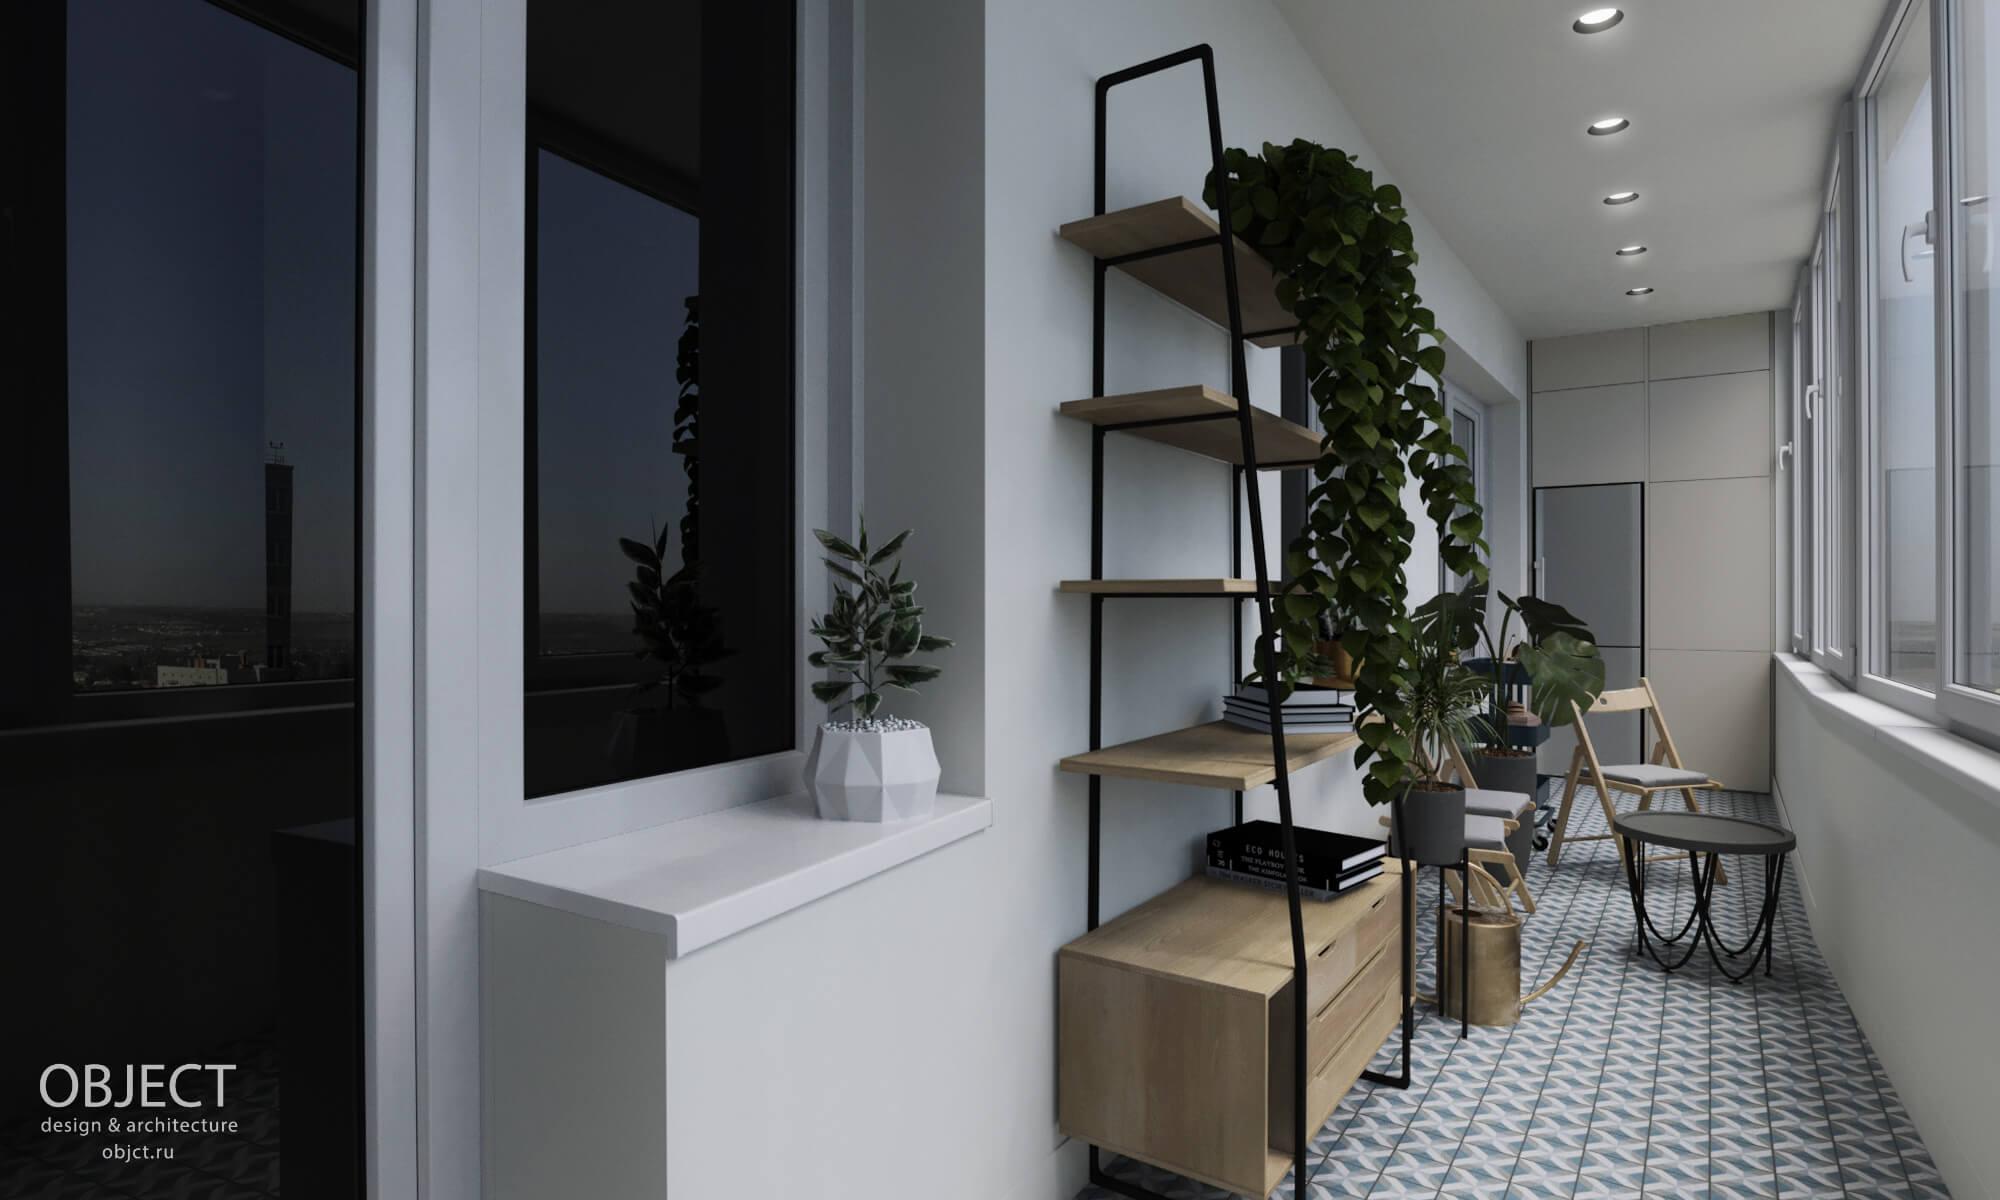 dizajn_interiera_volgograd-12